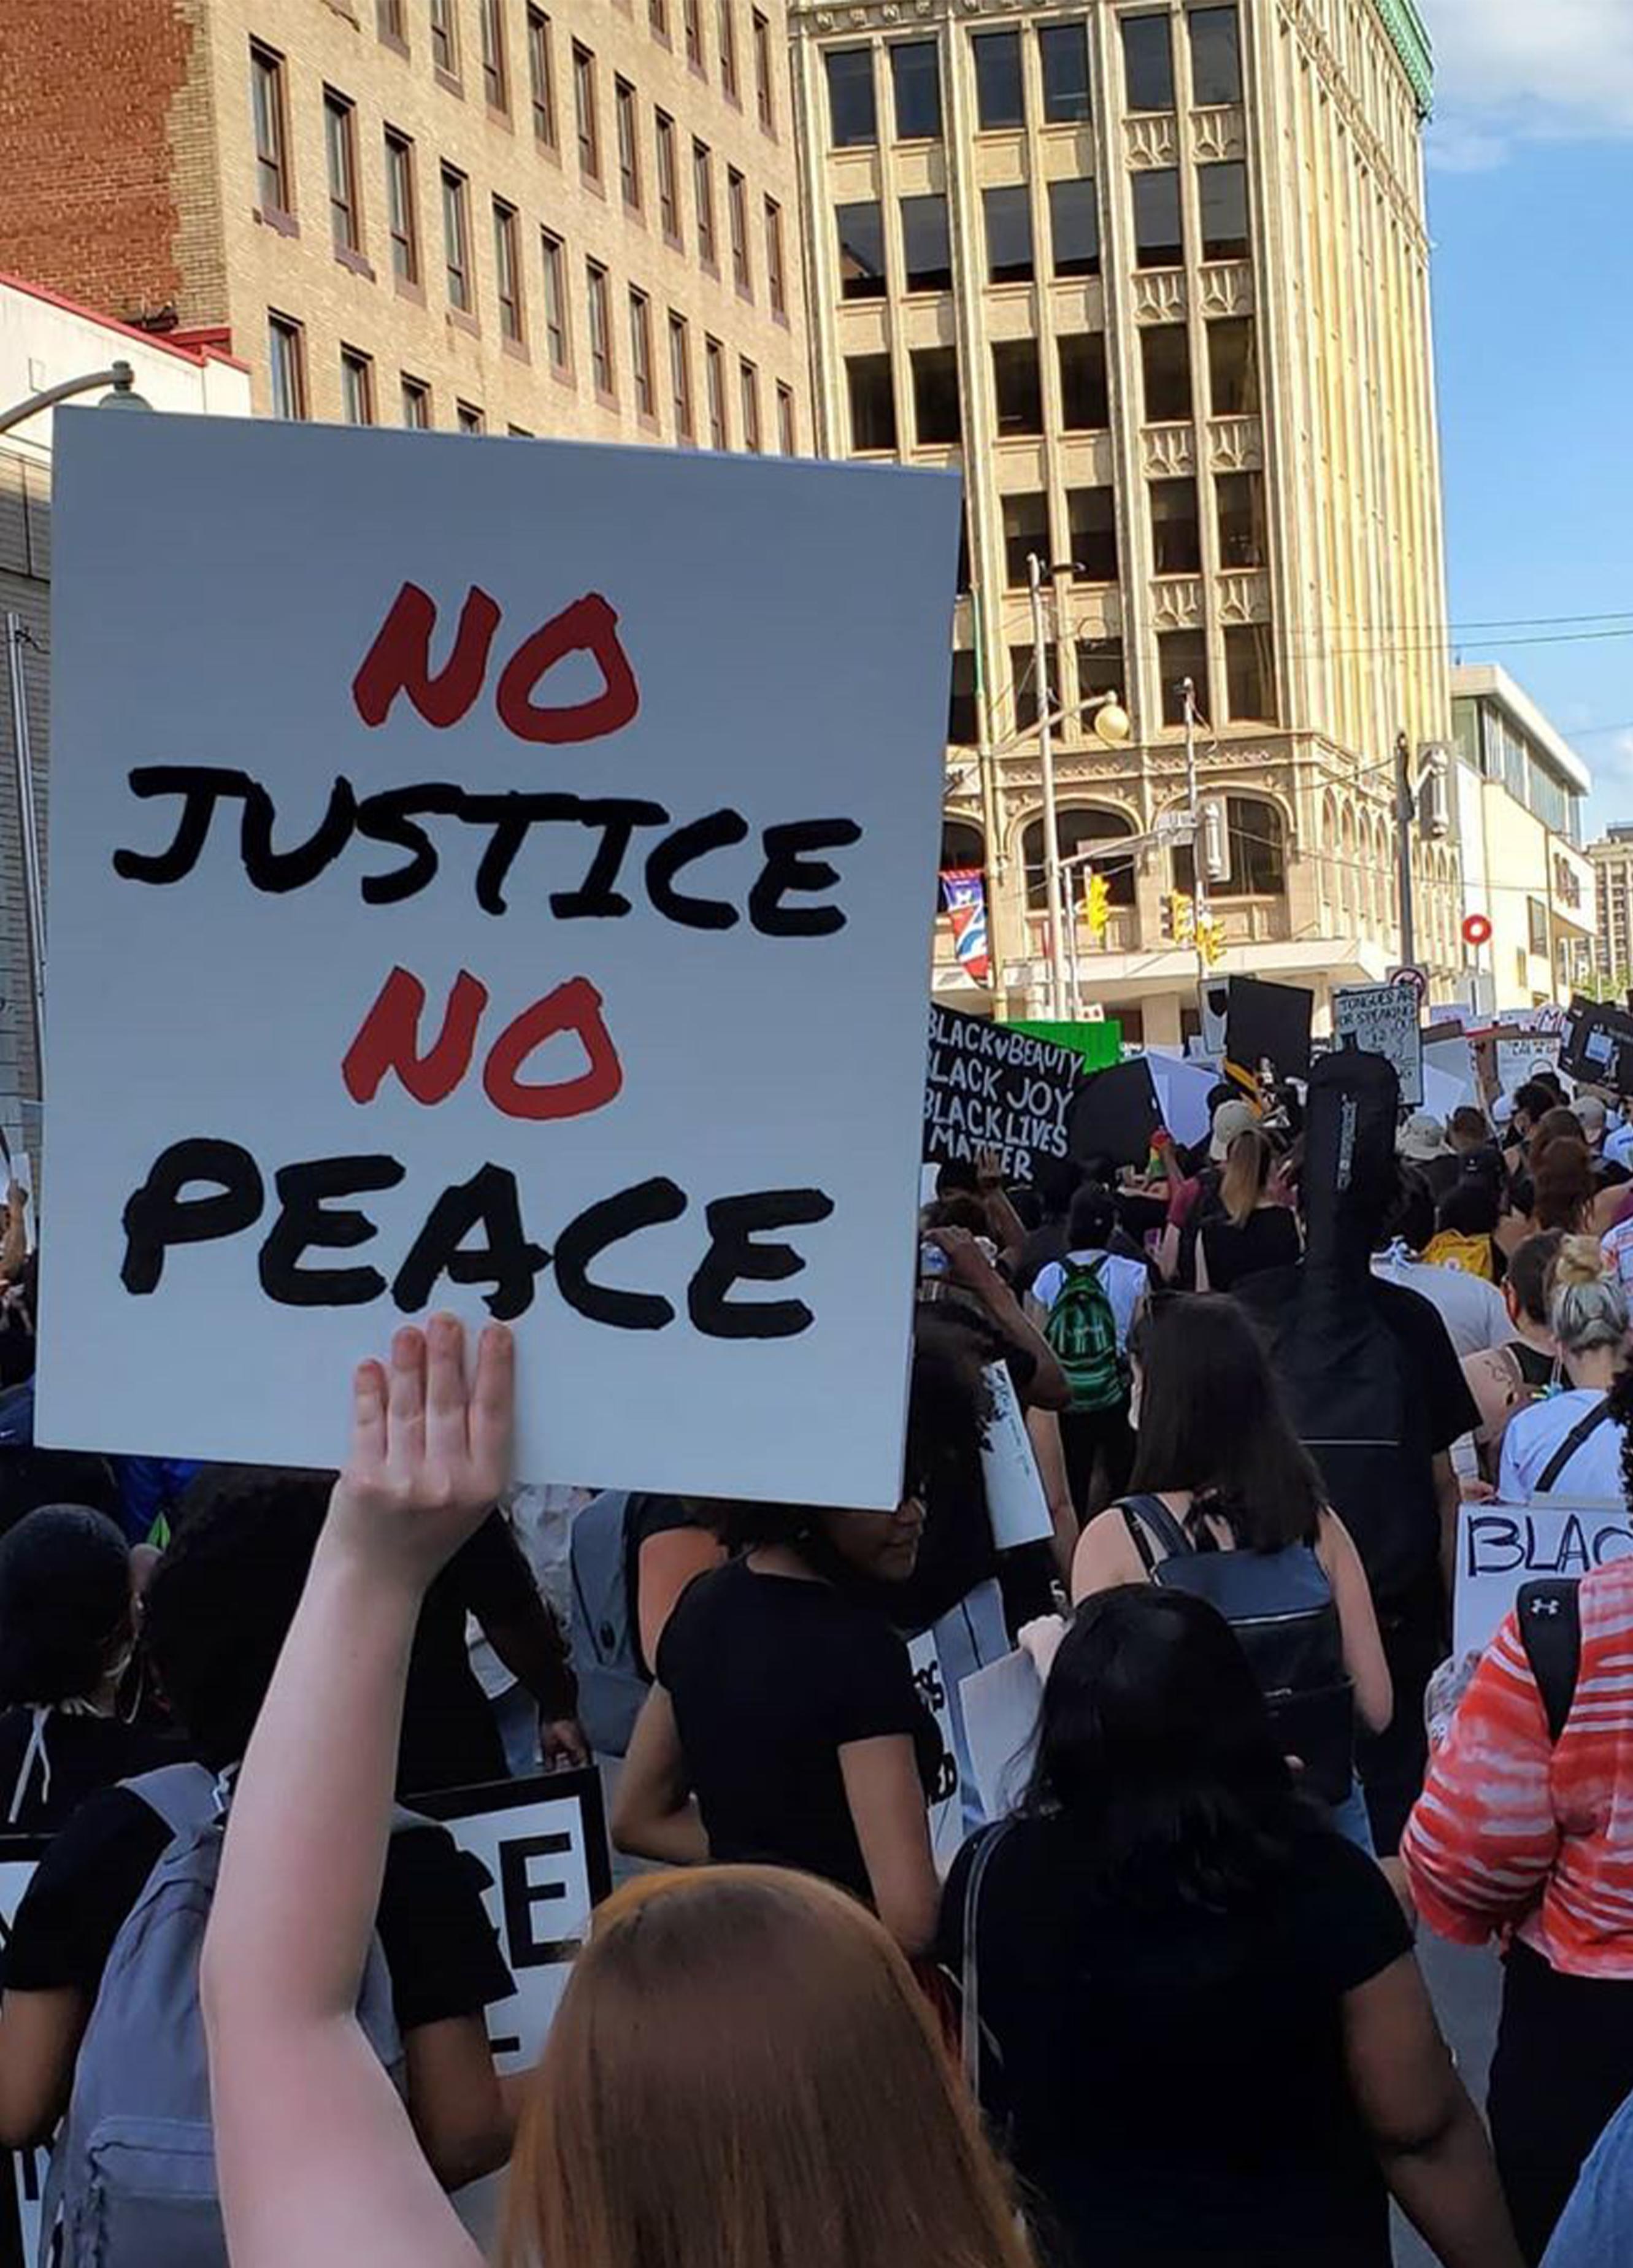 Black Lives Matter Ottawa